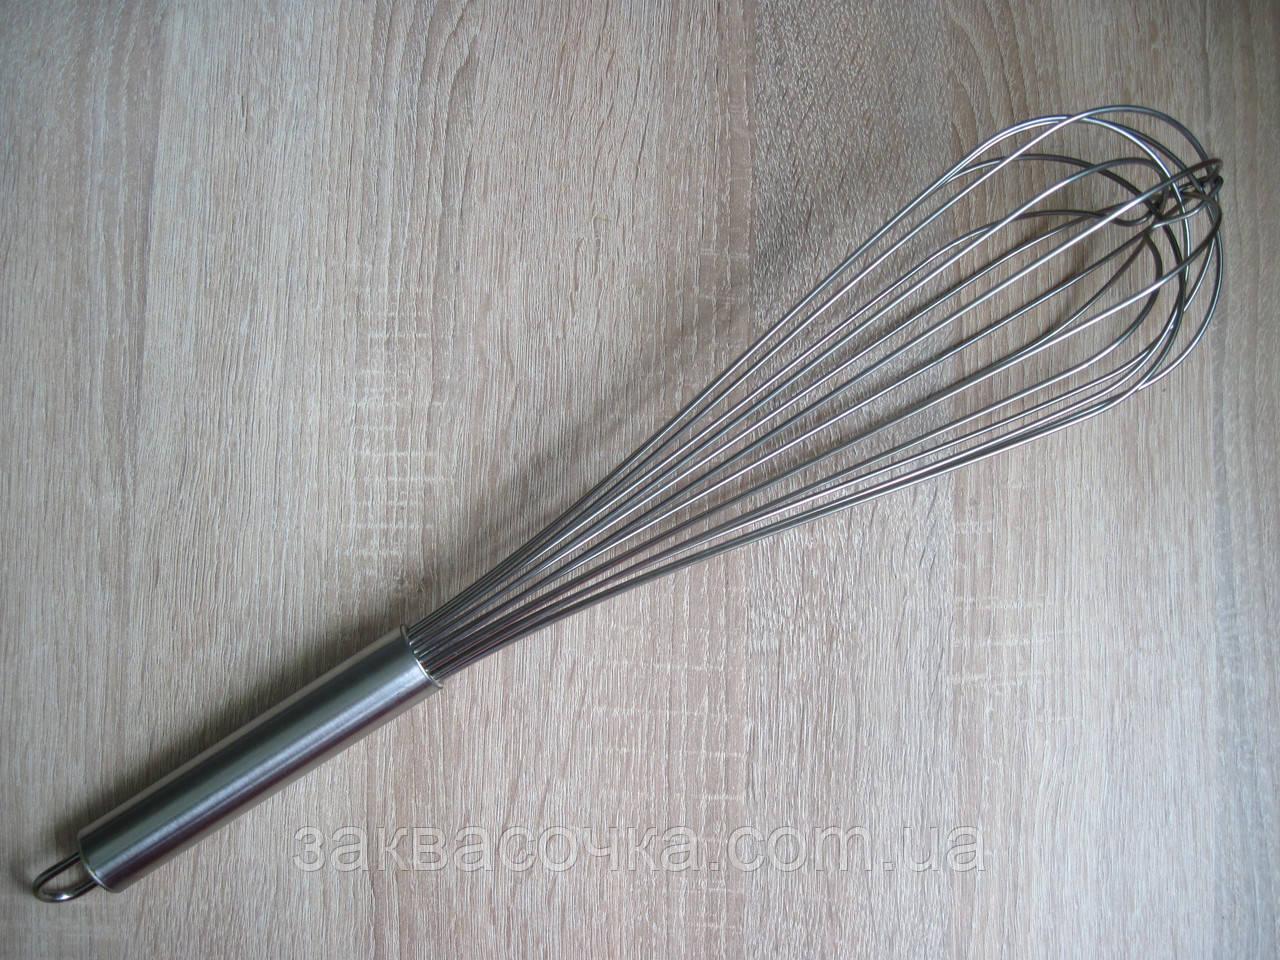 Средний венчик - ЛИРА для разрезания сырного сгустка